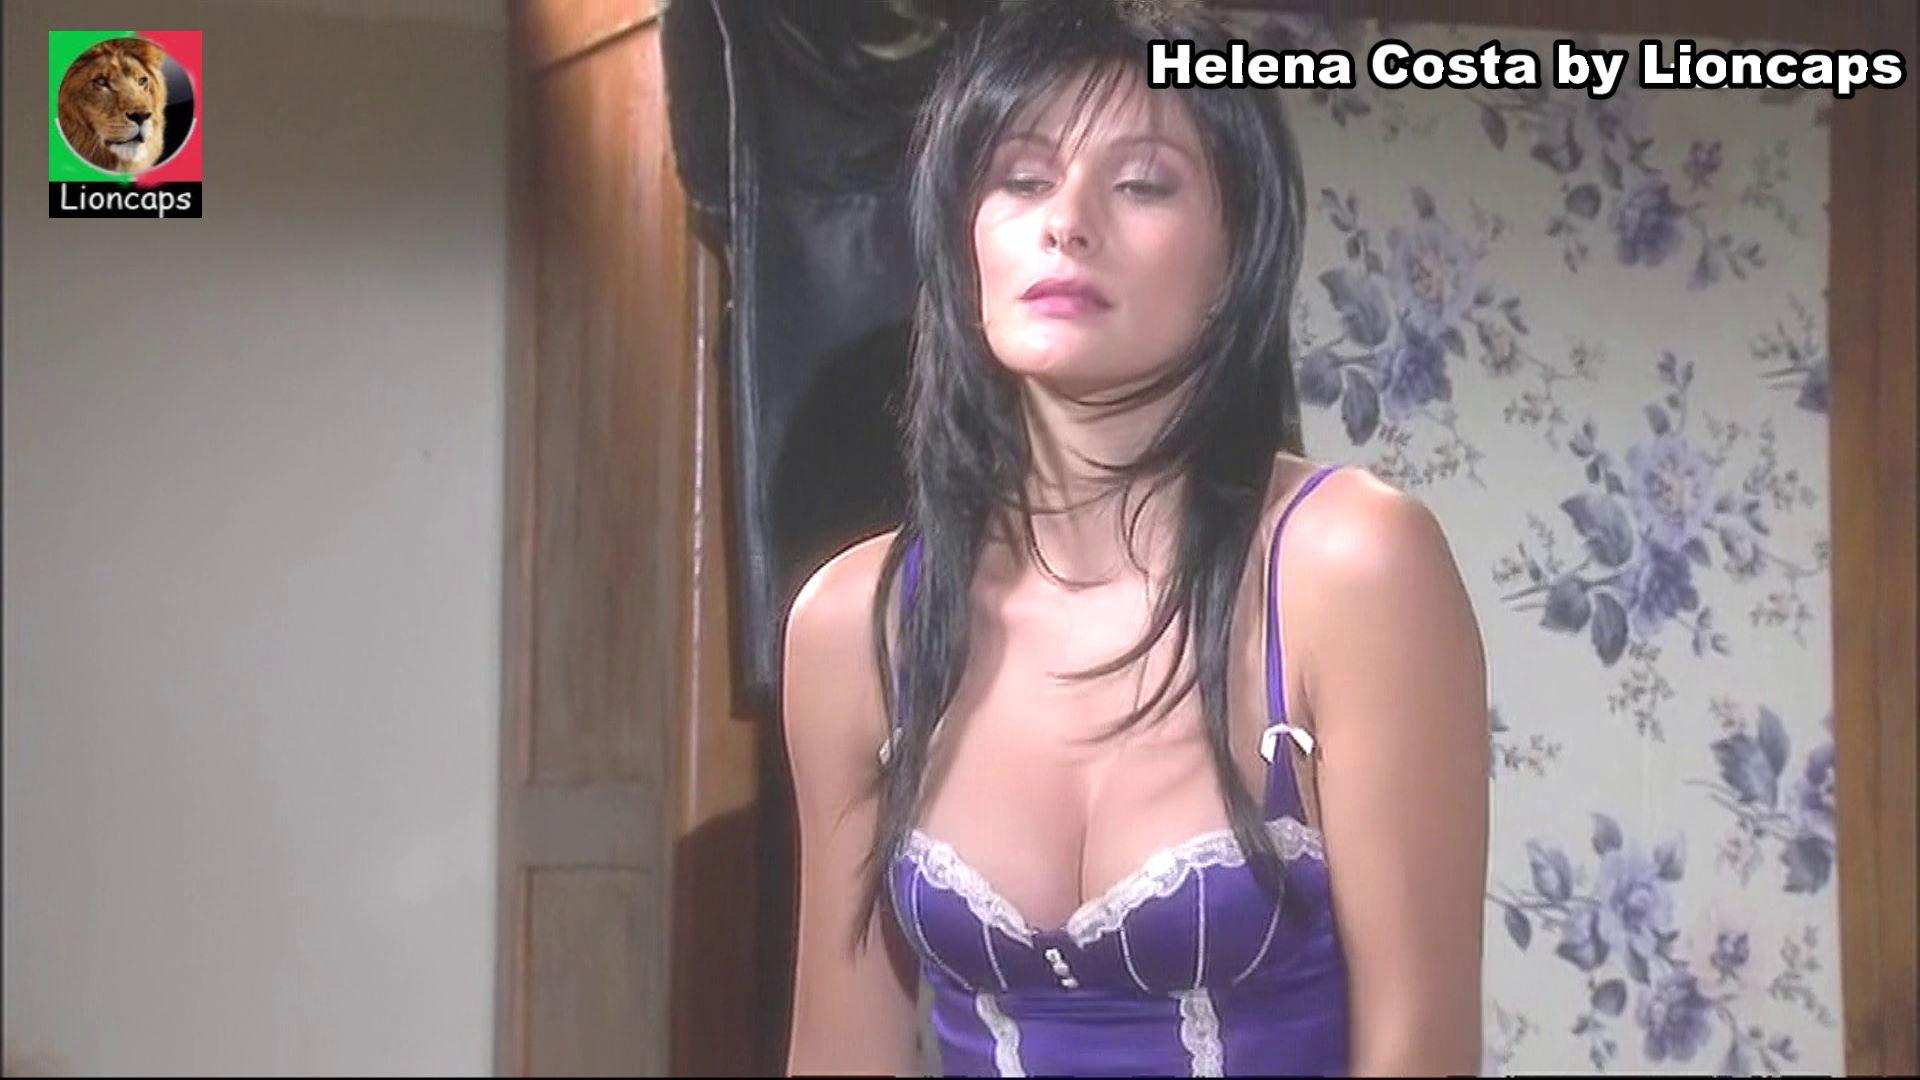 771740945_helena_costa_vs181202_1745_122_478lo.JPG